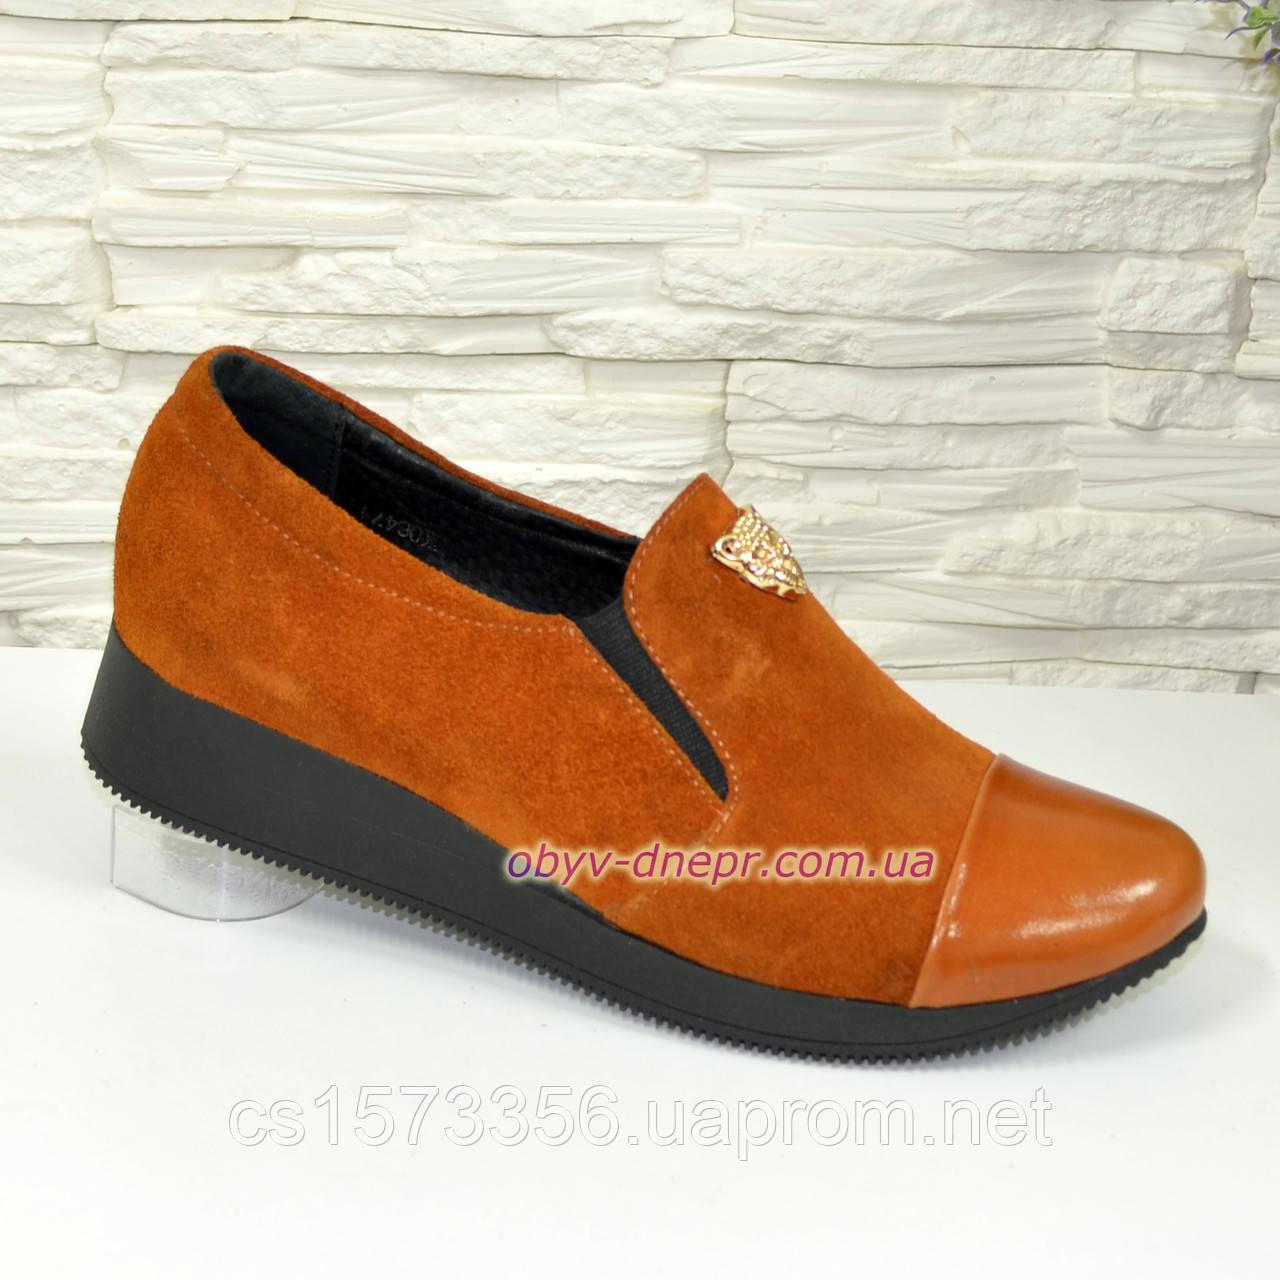 f7d6b1d4f Женские рыжие туфли на утолщенной подошве - Stivale - производство кожаной  женской, мужской и подростковой